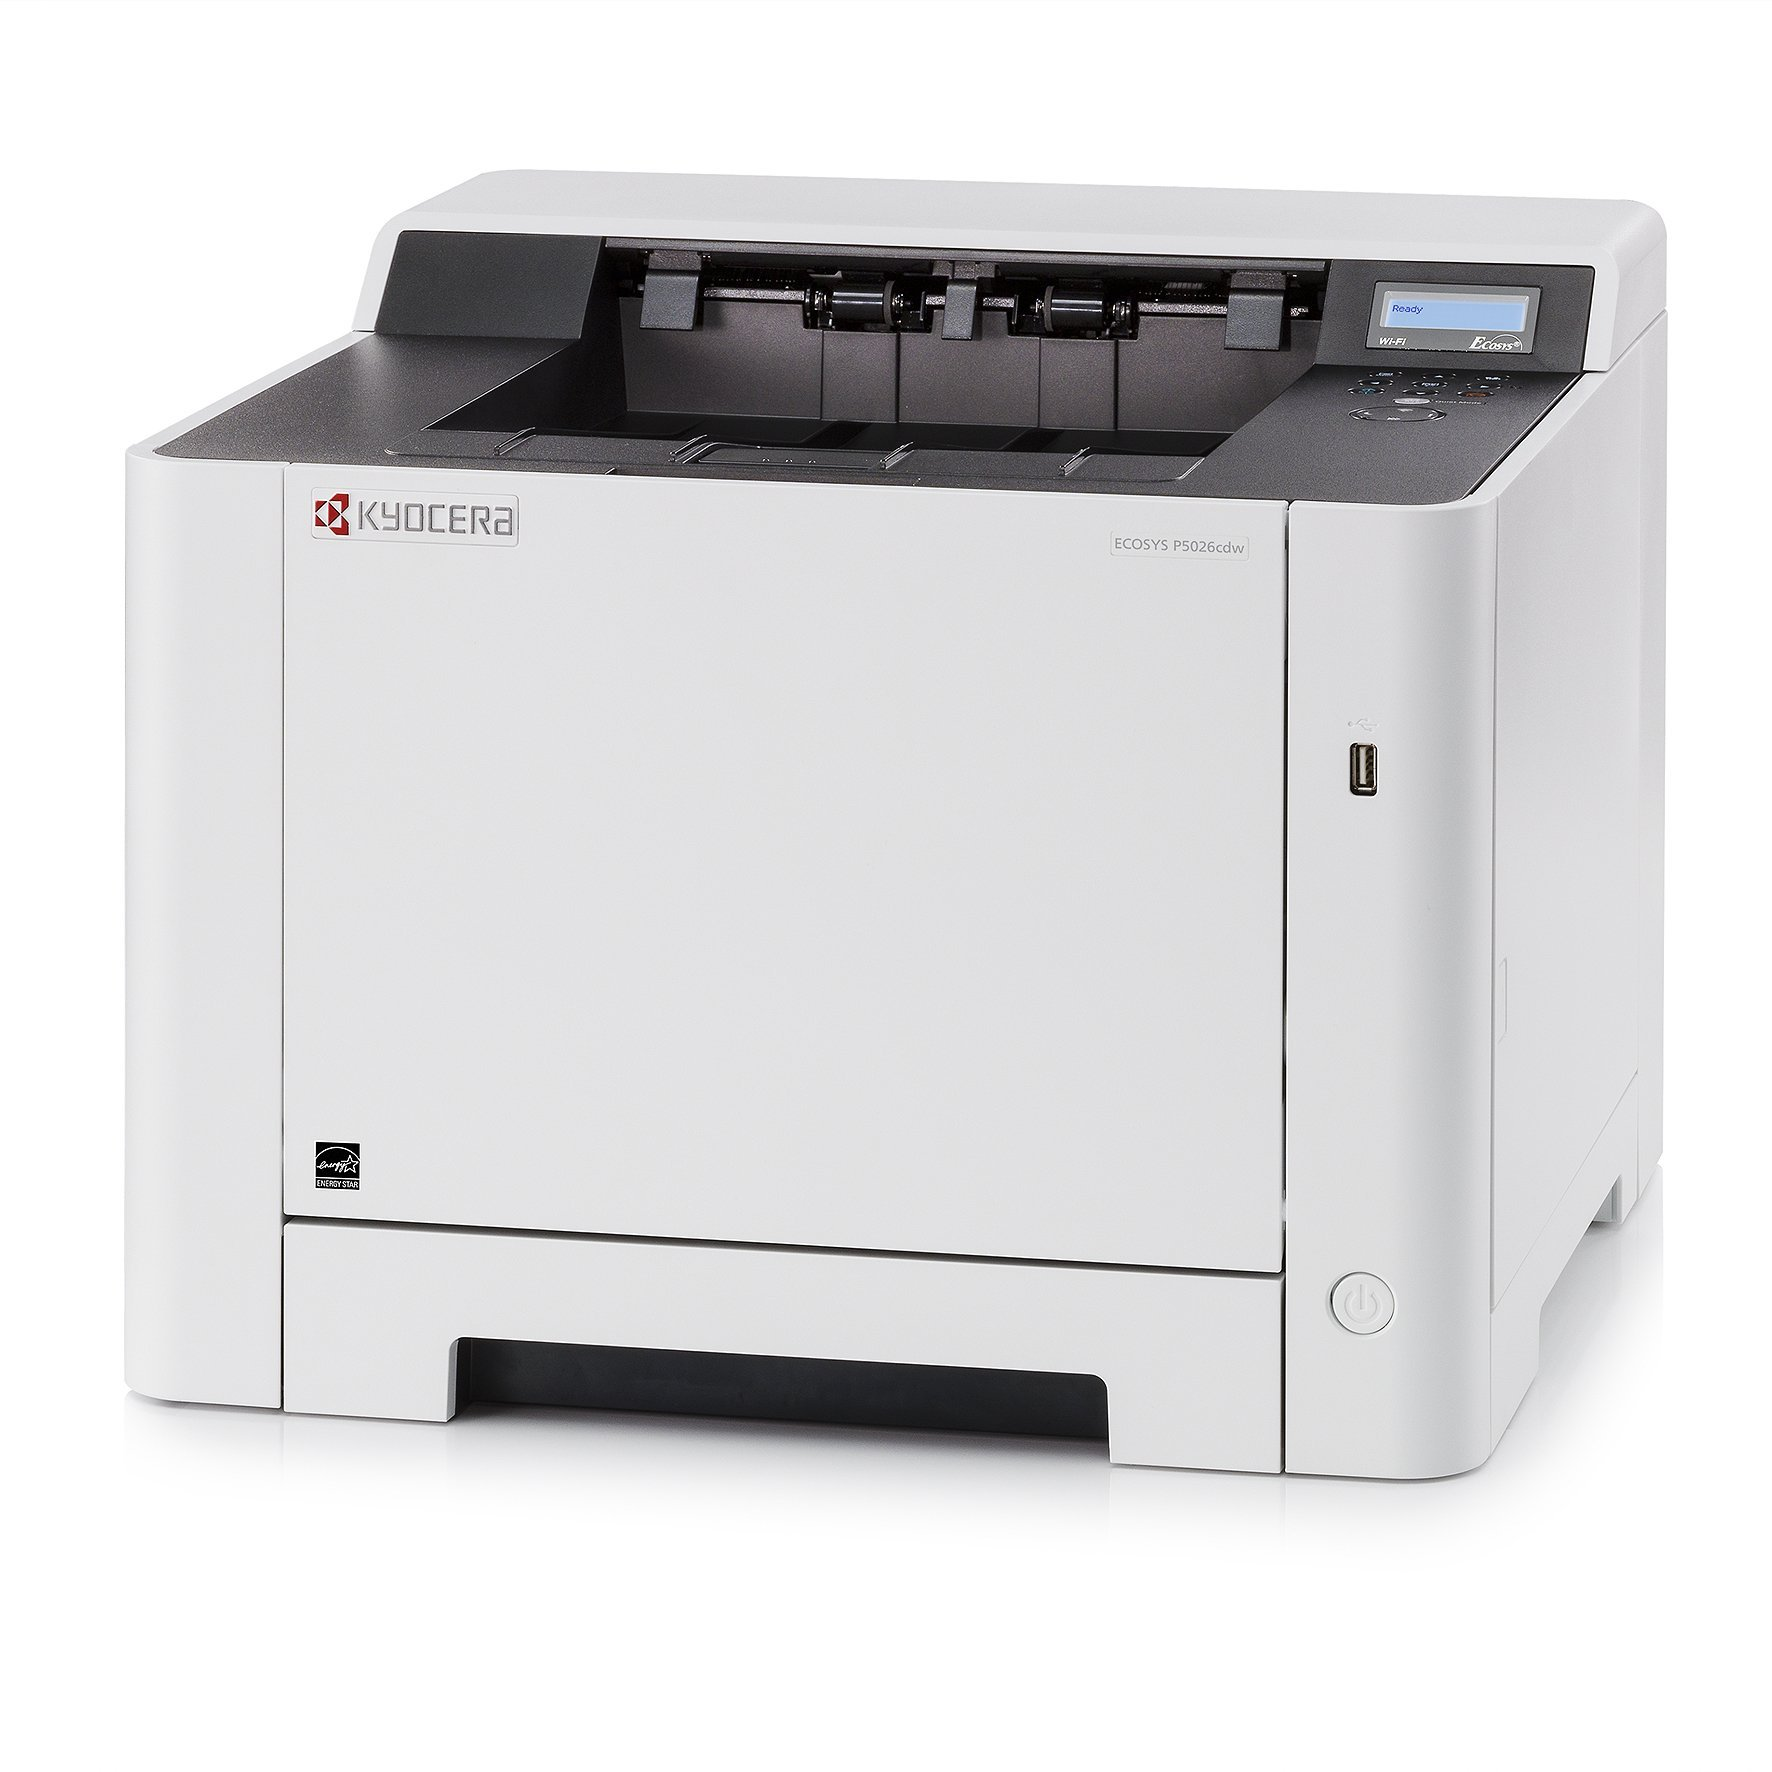 Kyocera 1102rb2us0 Color Lsr Printer,net,dup,wifi